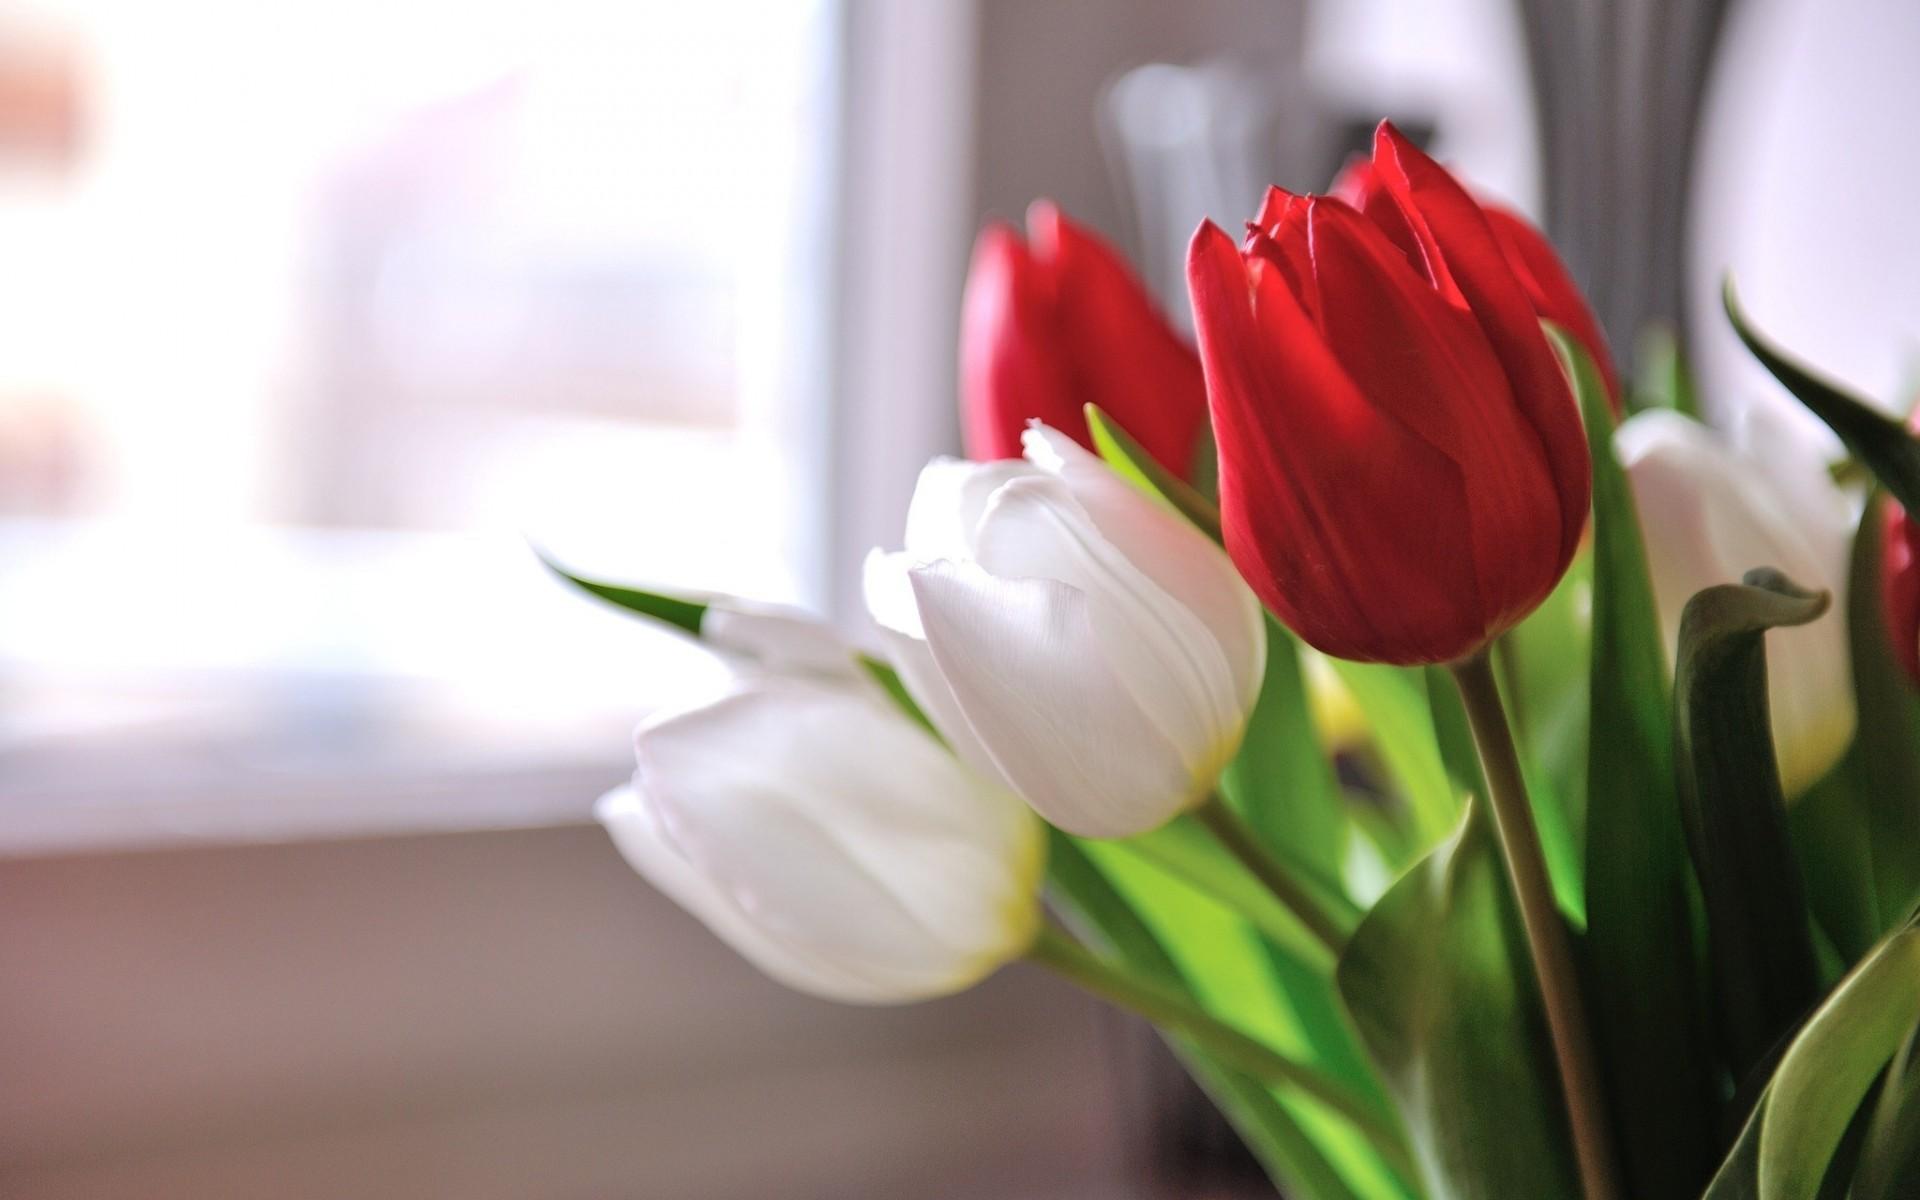 Flores tulipanes - 1920x1200